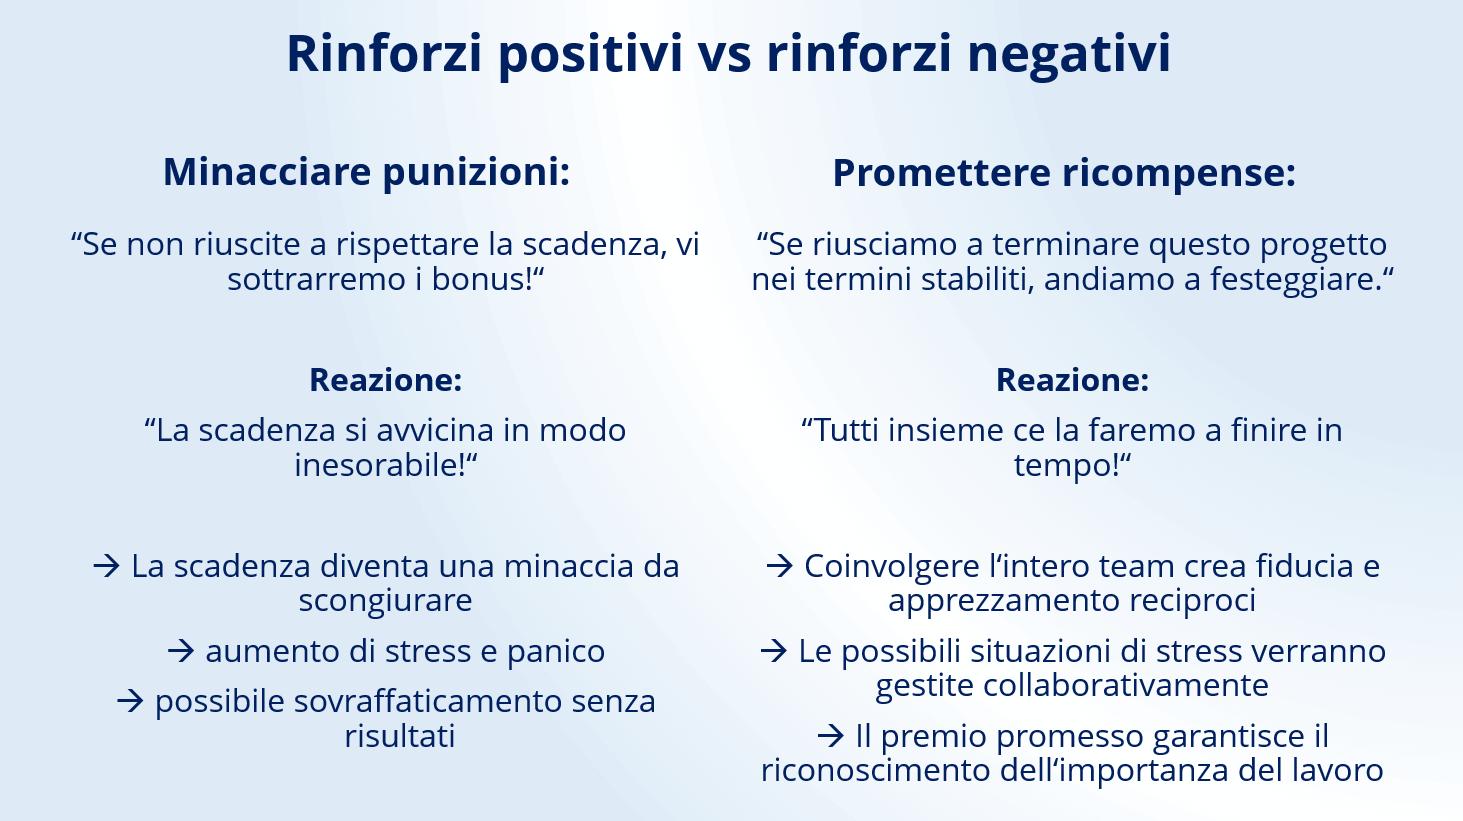 Diverse reazioni sul rinforzo positivo e negativo